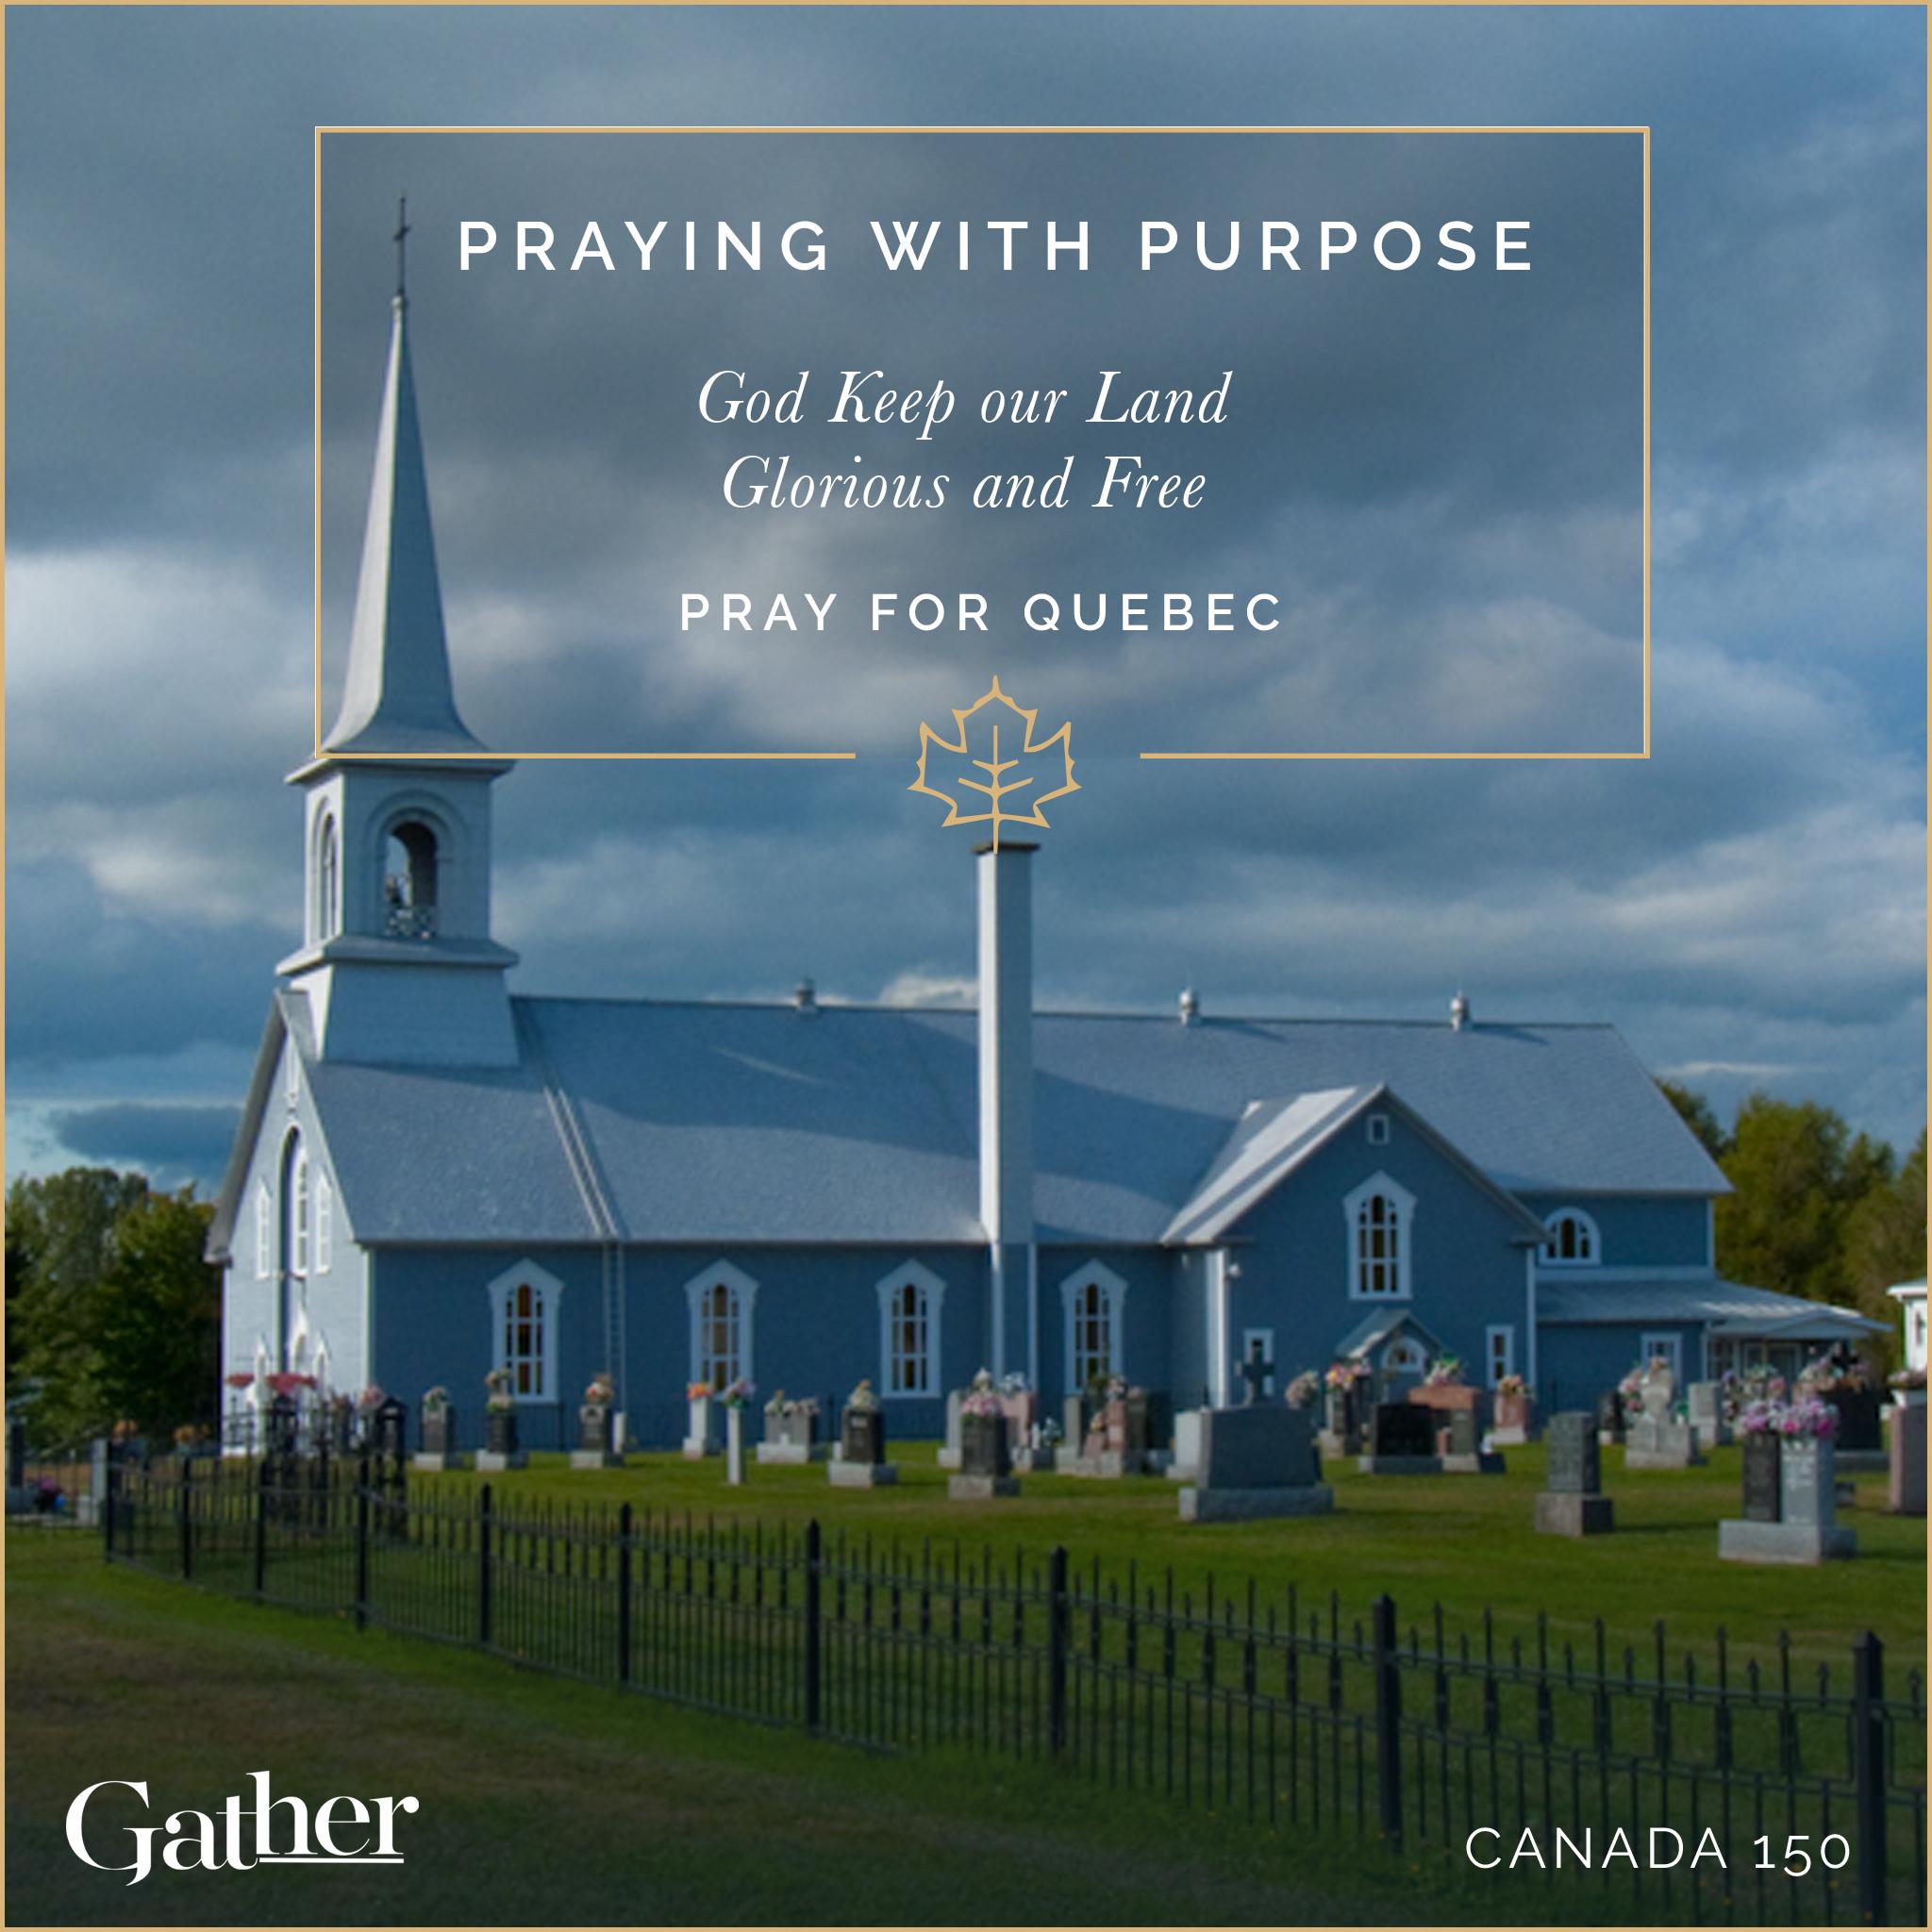 Prayer-for-quebec.jpg